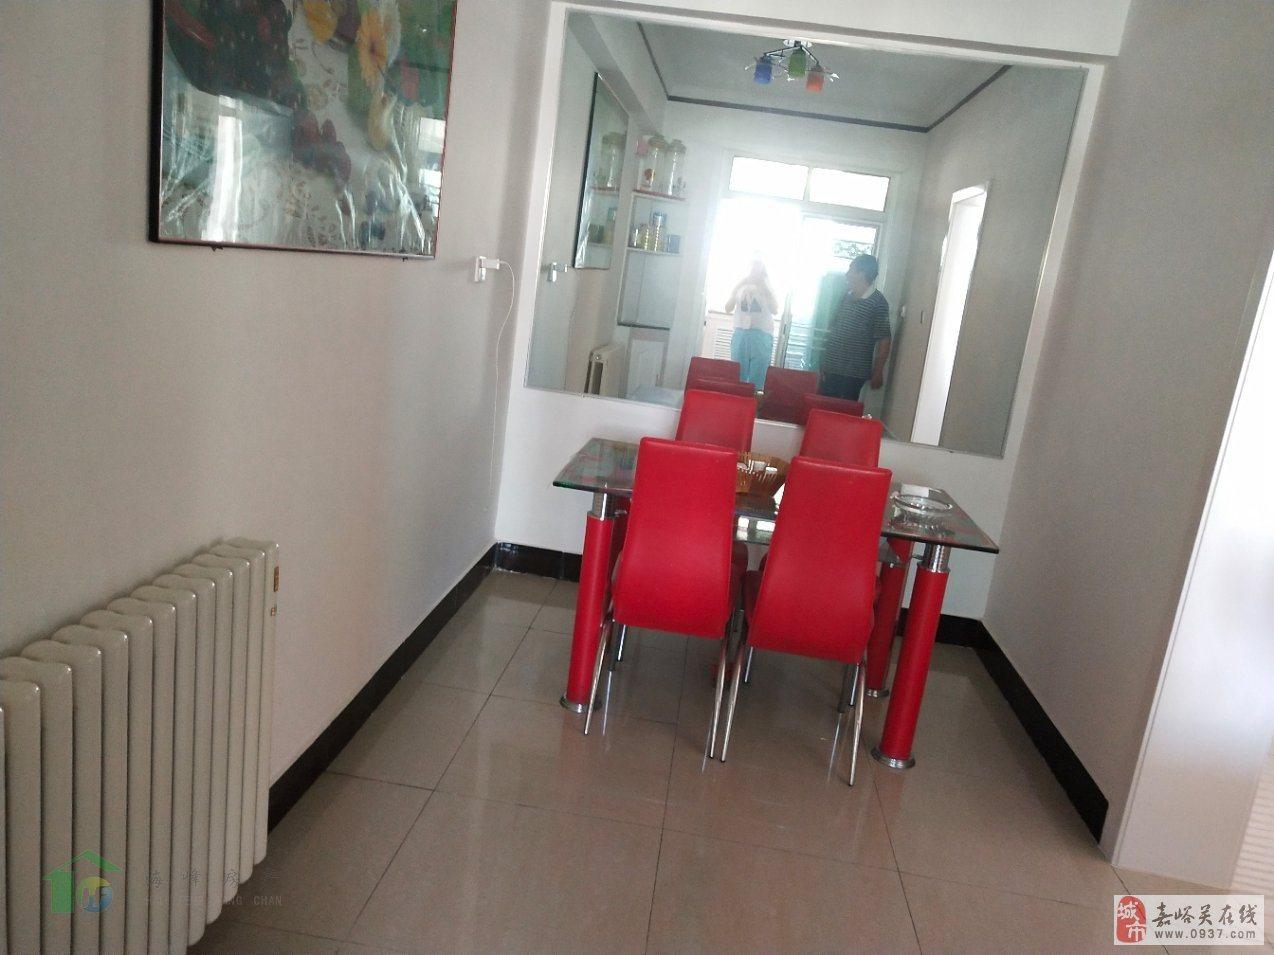 昌明街3室2厅120平4楼新装带33平米地下室